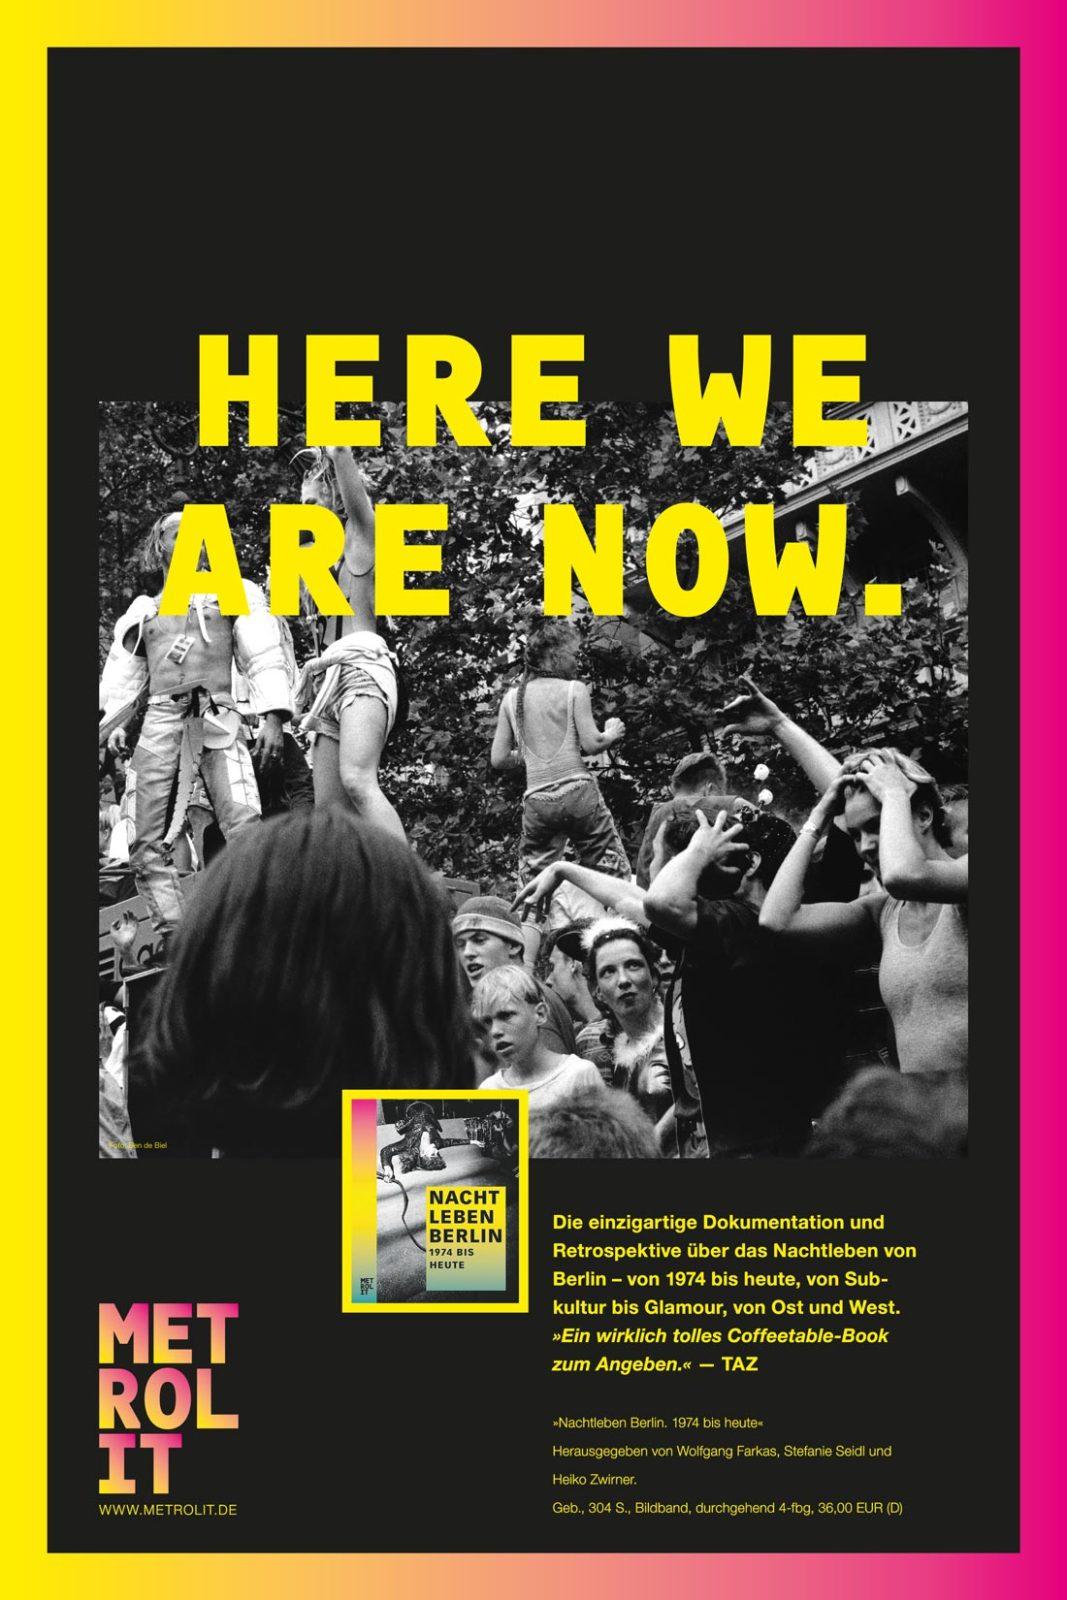 Editienne Grafikdesign - Kommunikationsdesign Berlin- Editorial Design Buchvorschaugestaltung Metrolit Magazin 21